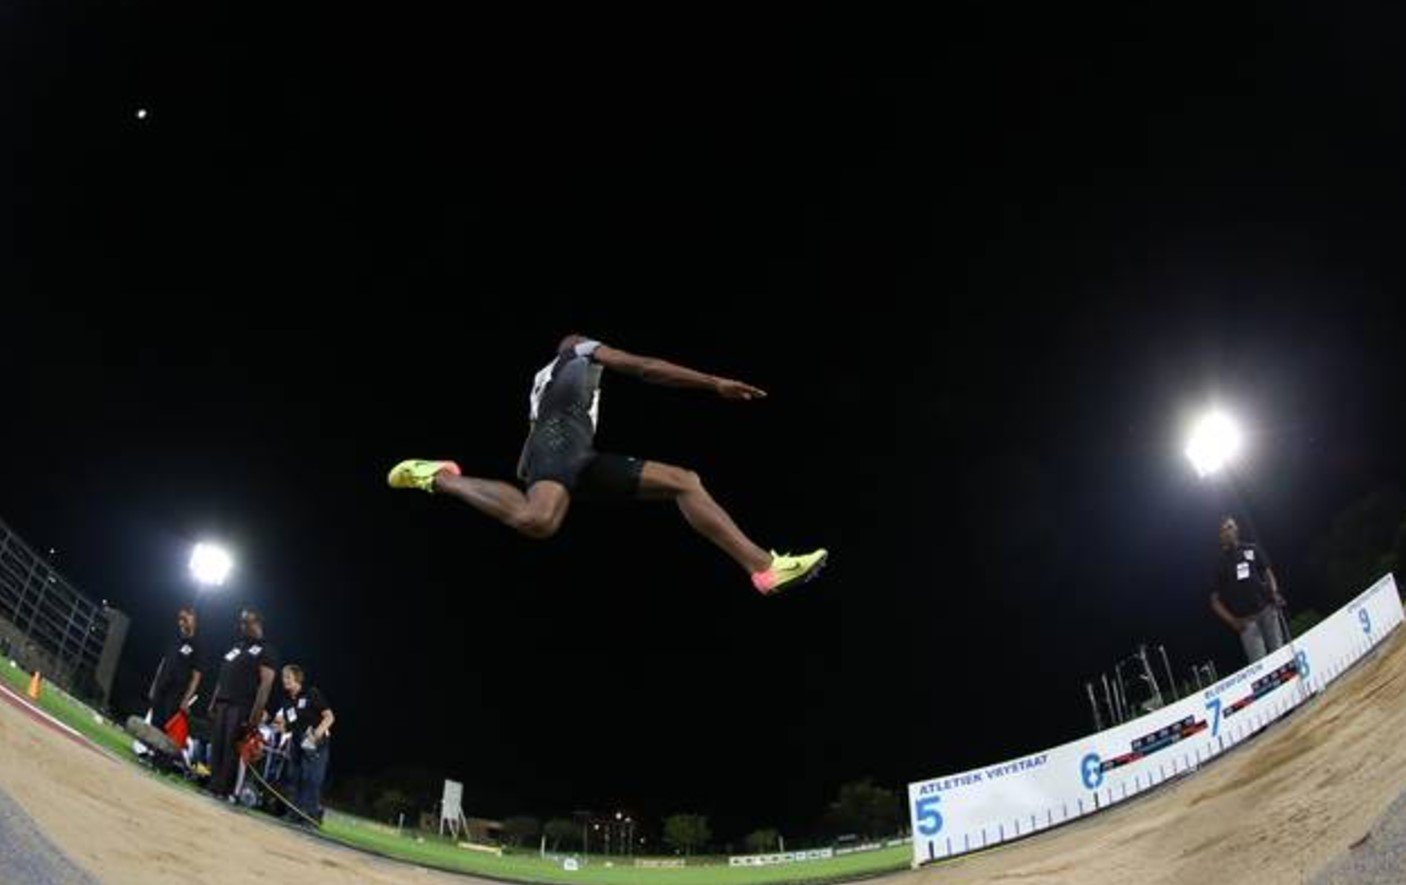 Луво Маньонга ценой травмы побил рекорд Африки в прыжках в длину +Видео